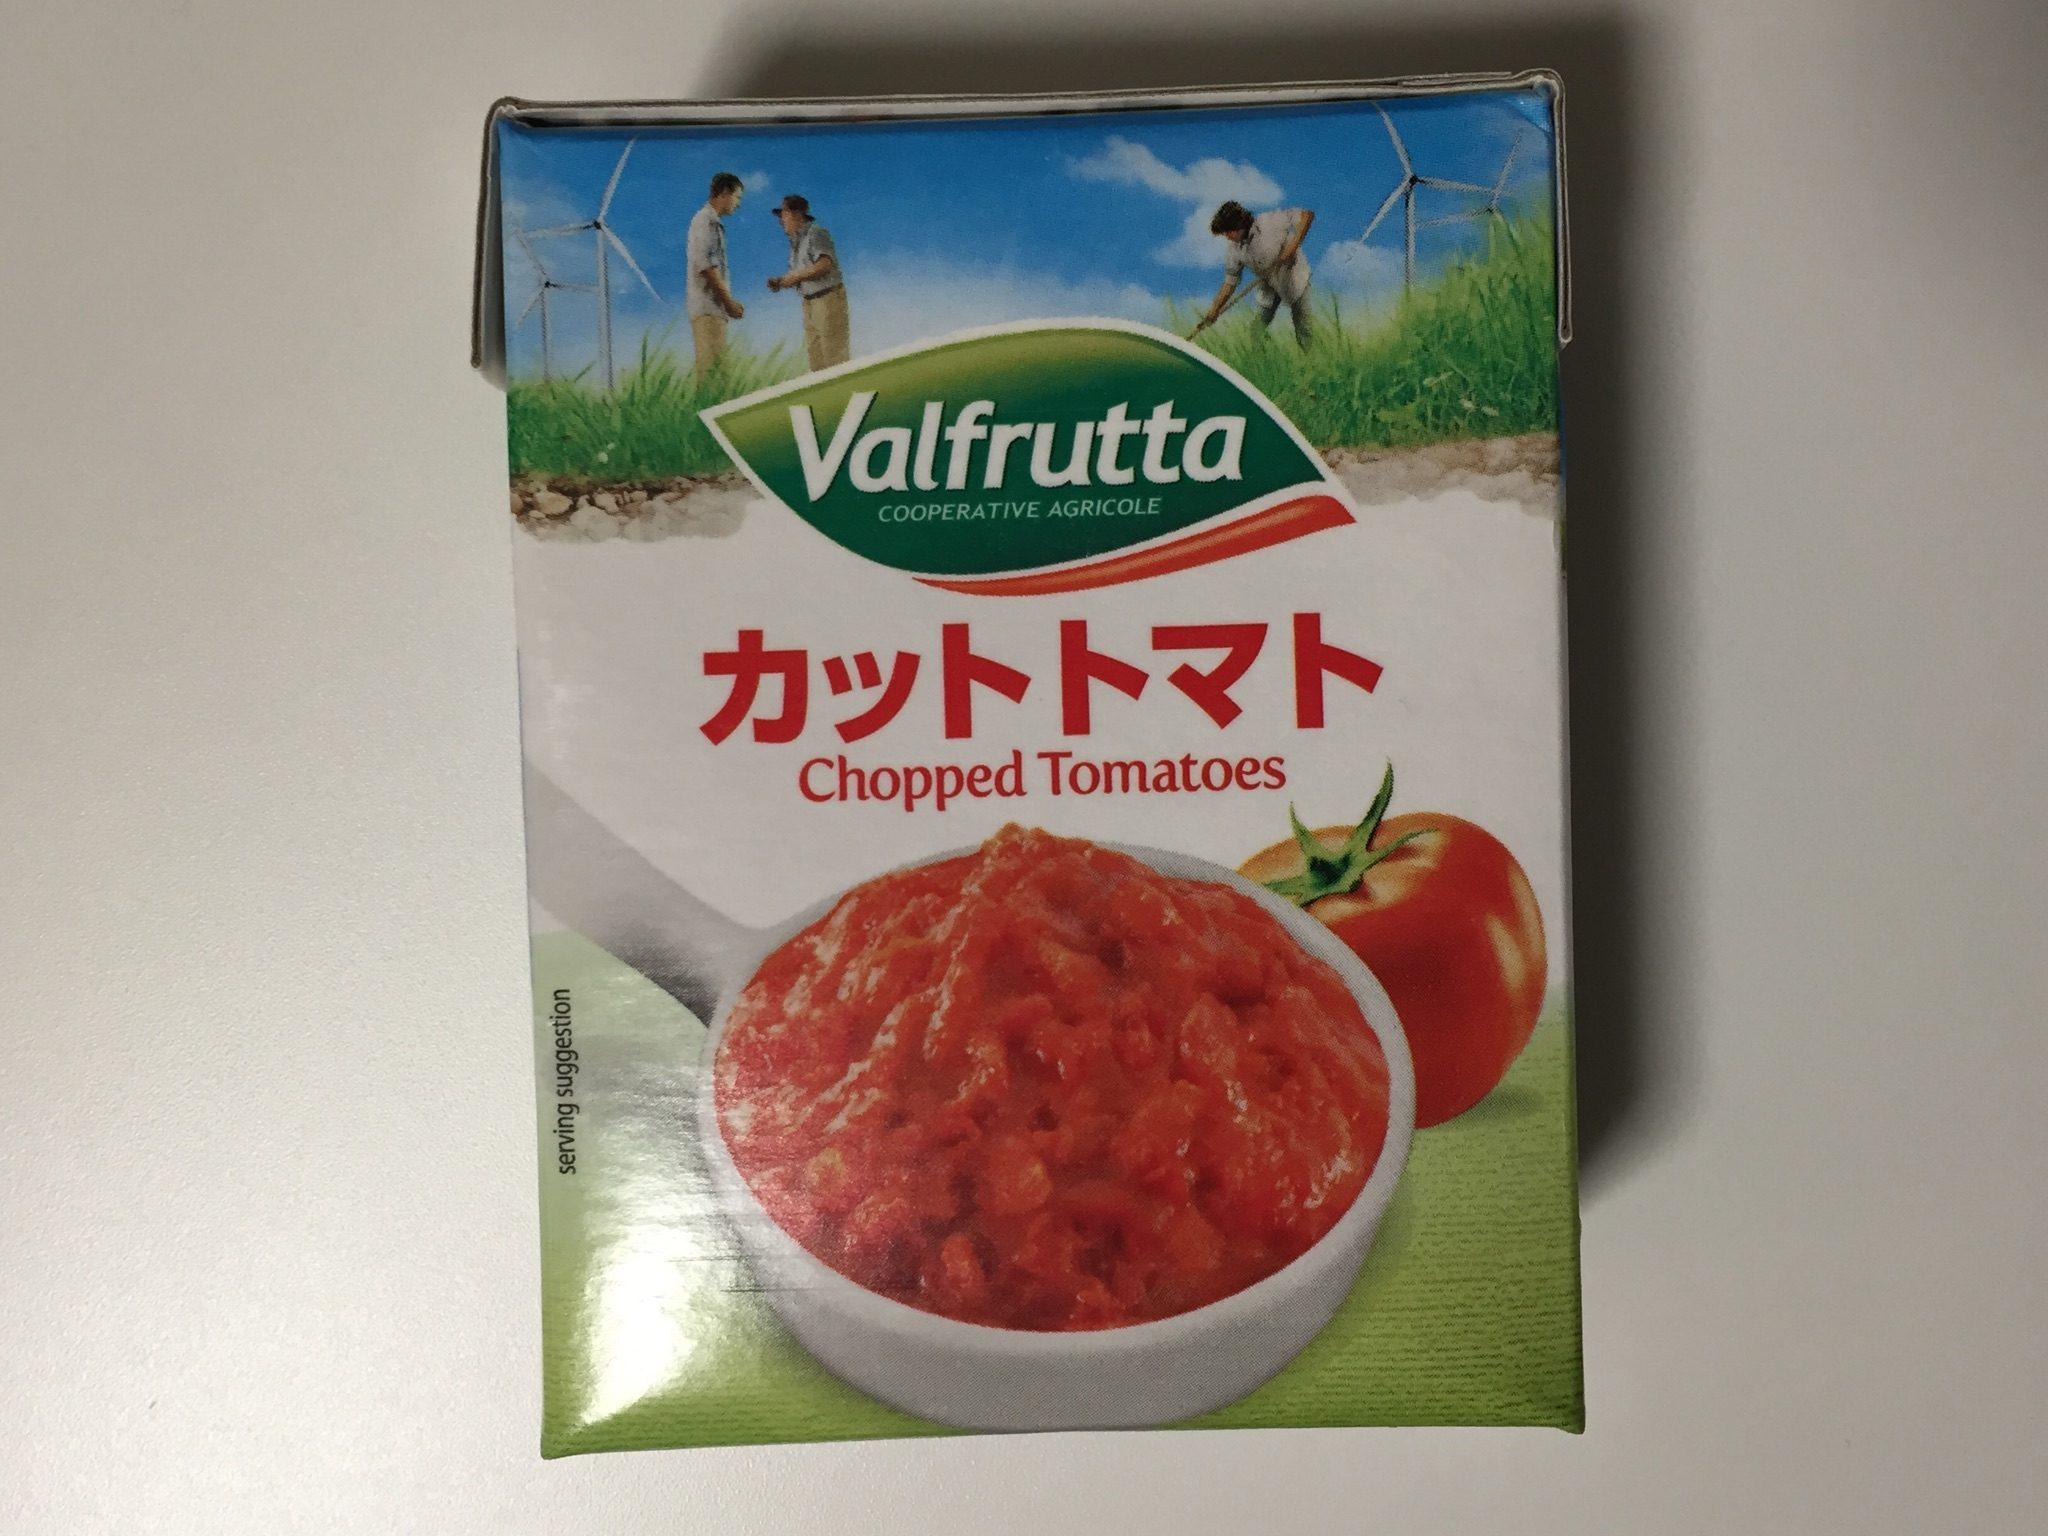 ヴァルフルッタカットトマト